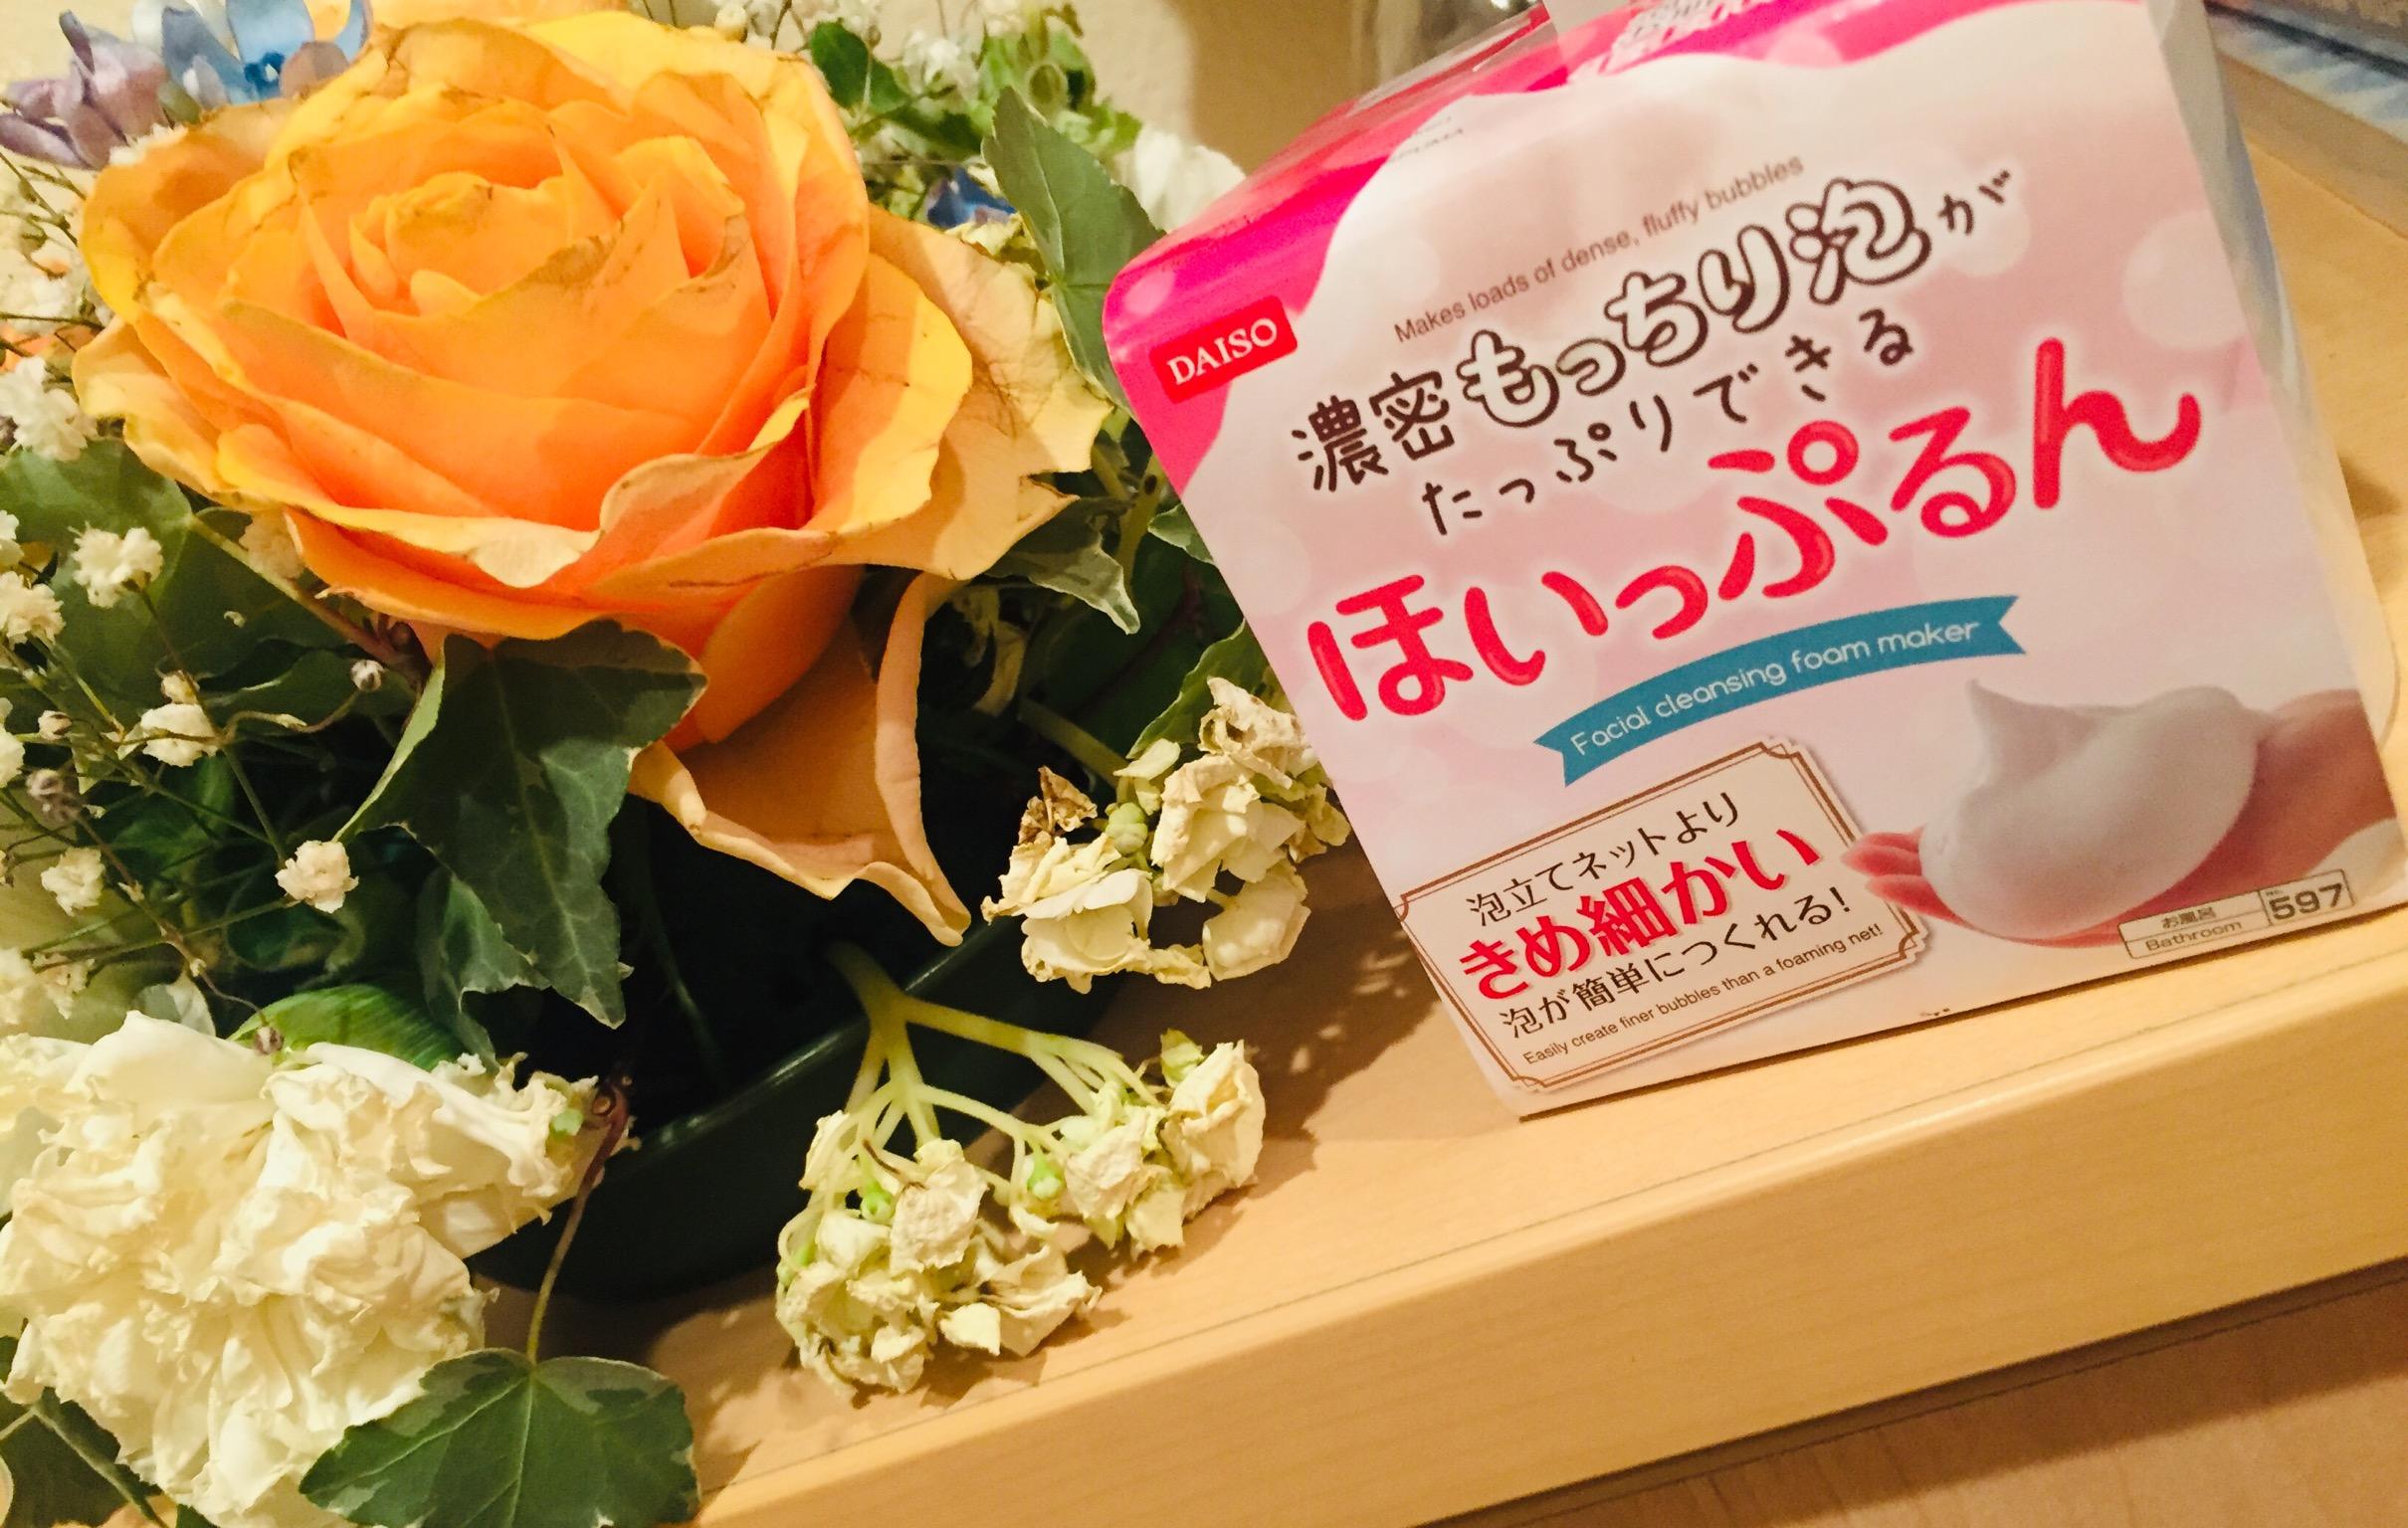 みなとみらい新スポット『横浜ハンマーヘッド』がオープン! おしゃれカフェ、お土産におすすめなグルメショップ5選 photoGallery_2_91